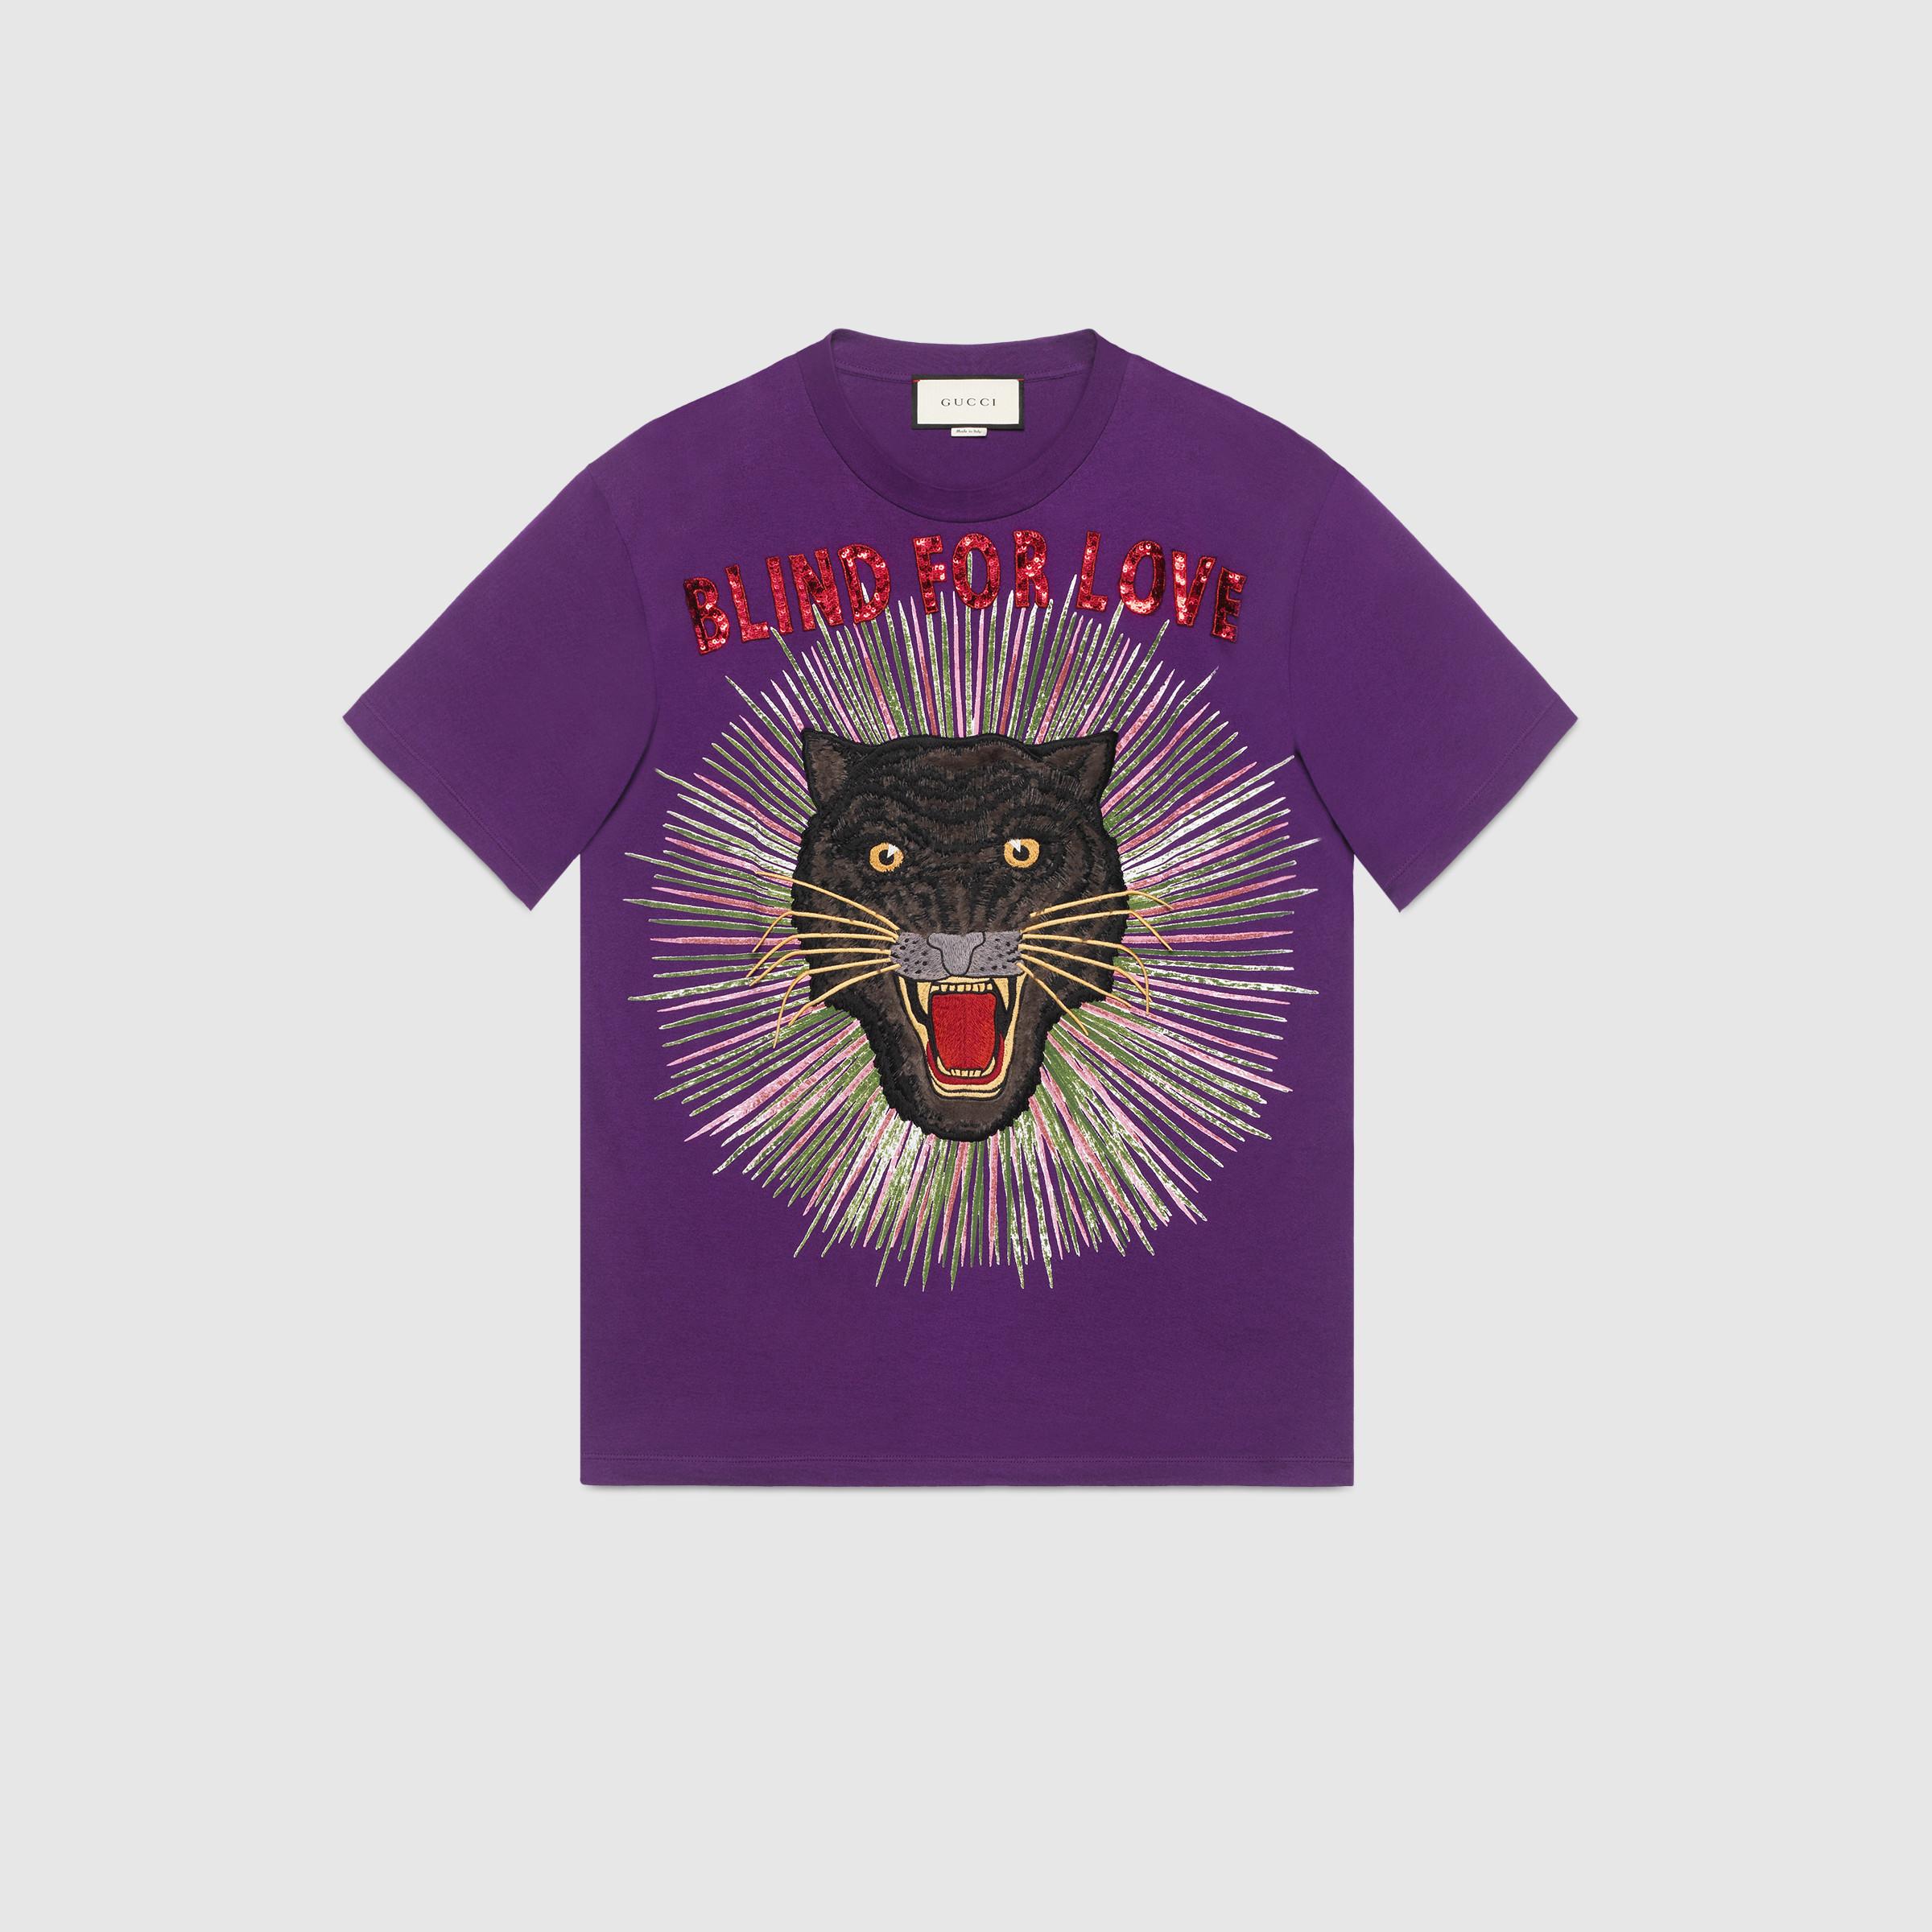 Gucci Panther Tişört Mor - 64 #Gucci #GucciPanther #Tişört